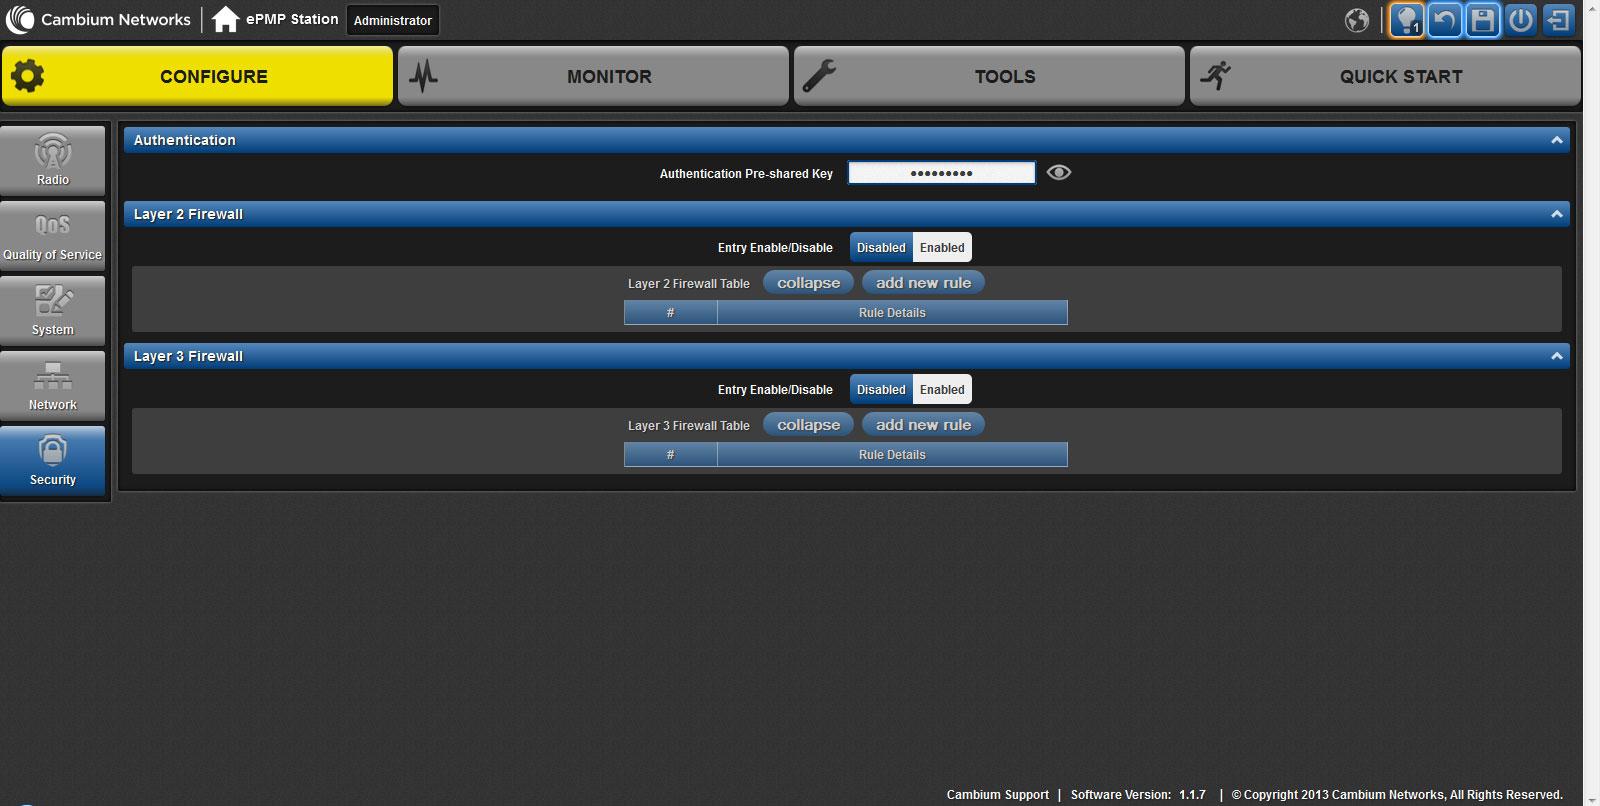 Настройки раздела Security web-интерфейса ePMP 1000 Integrated Radio